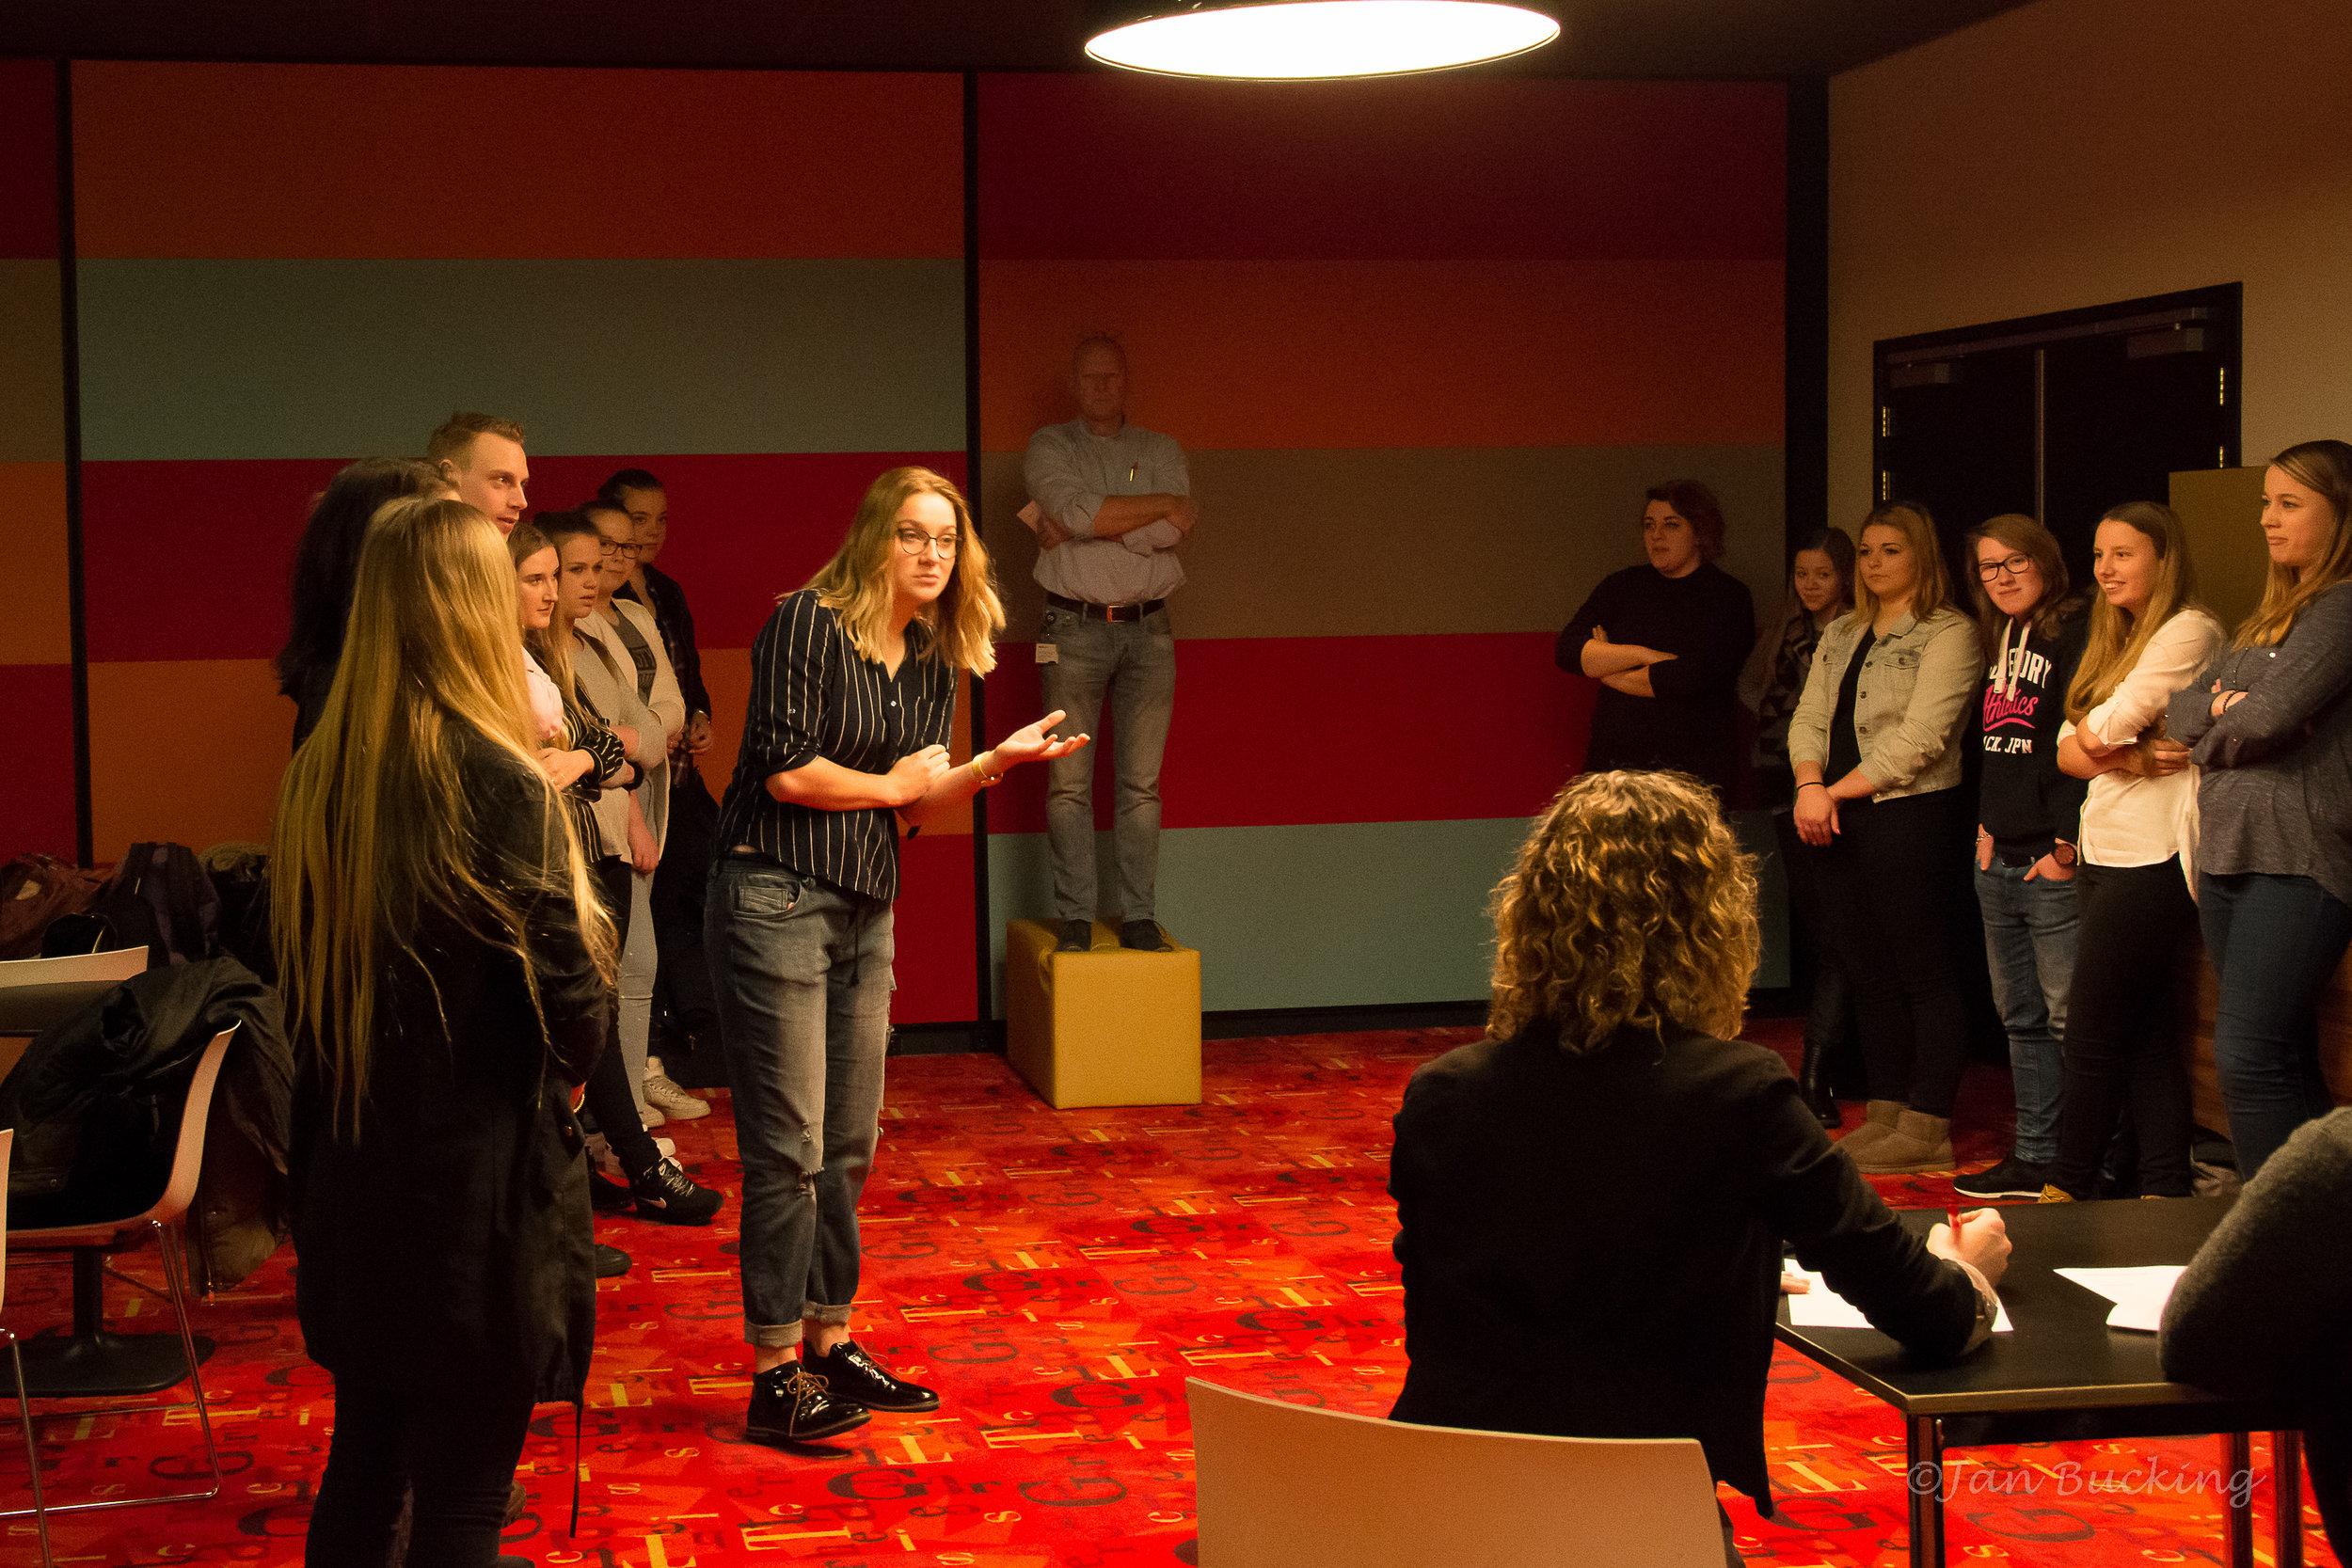 Studenten in debat. Docenten werken samen in duo's bij het leiden en jureren van de debatten.